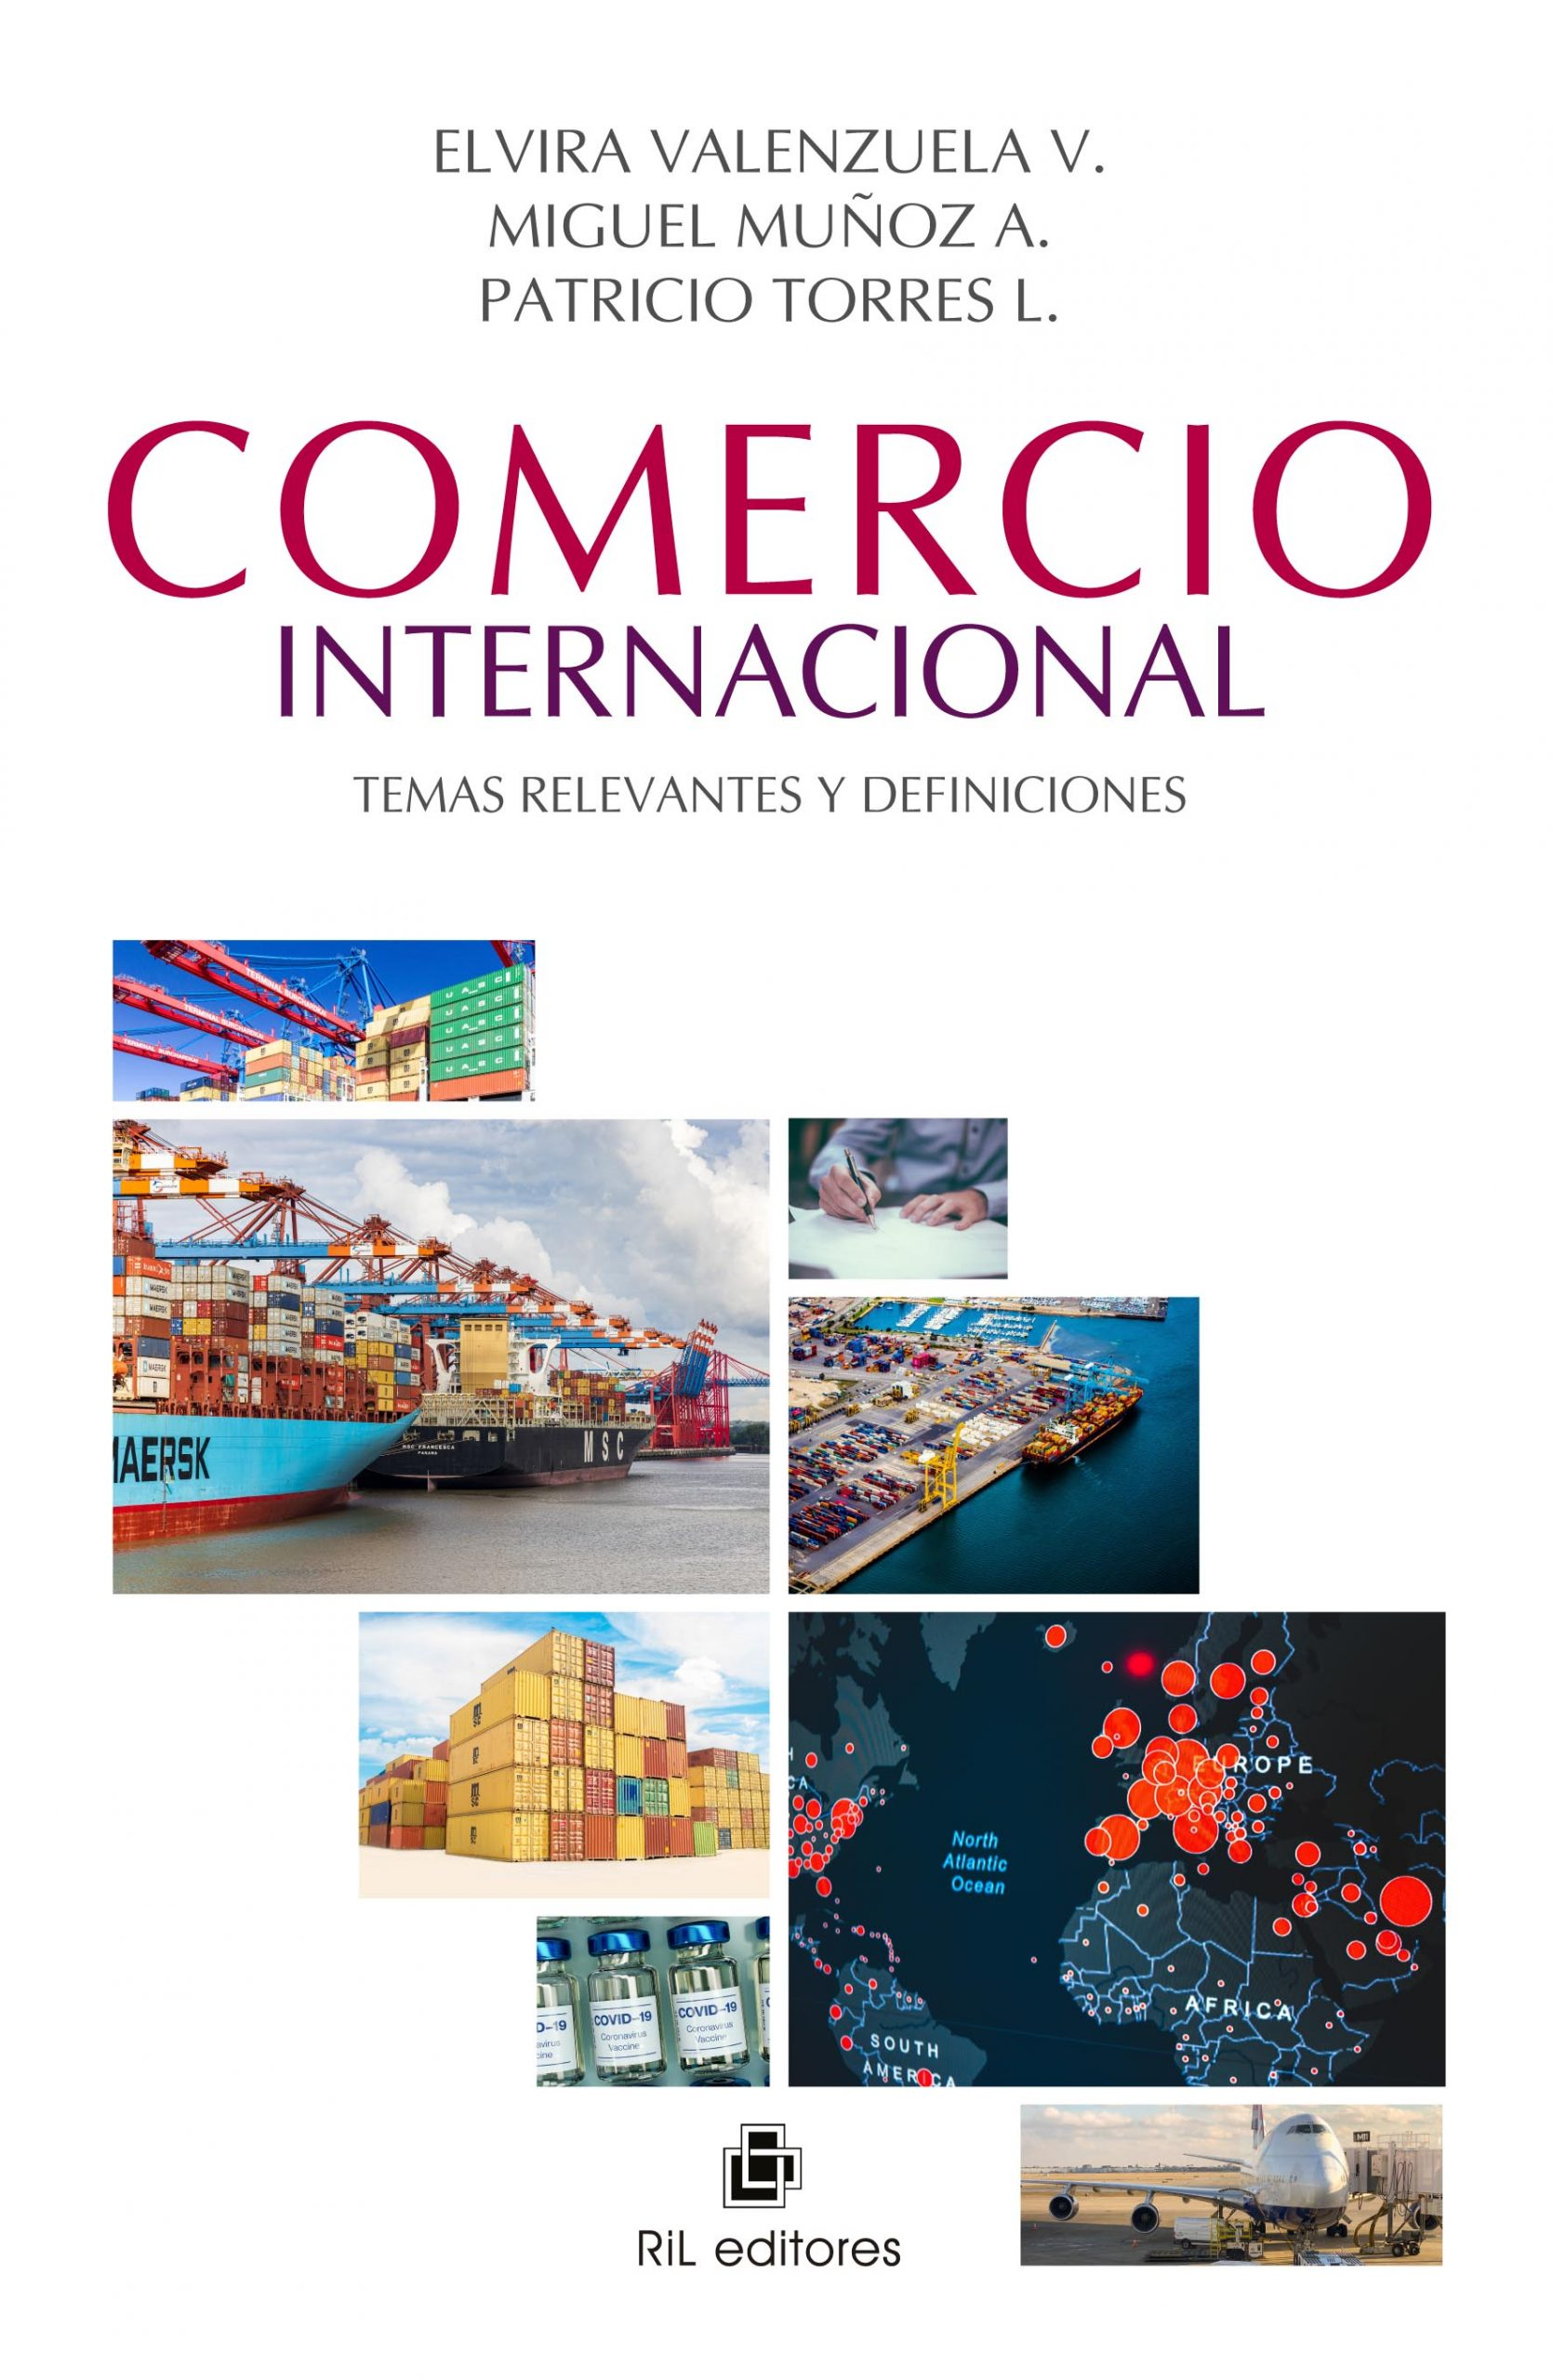 Comercio internacional: temas relevantes y definiciones 1